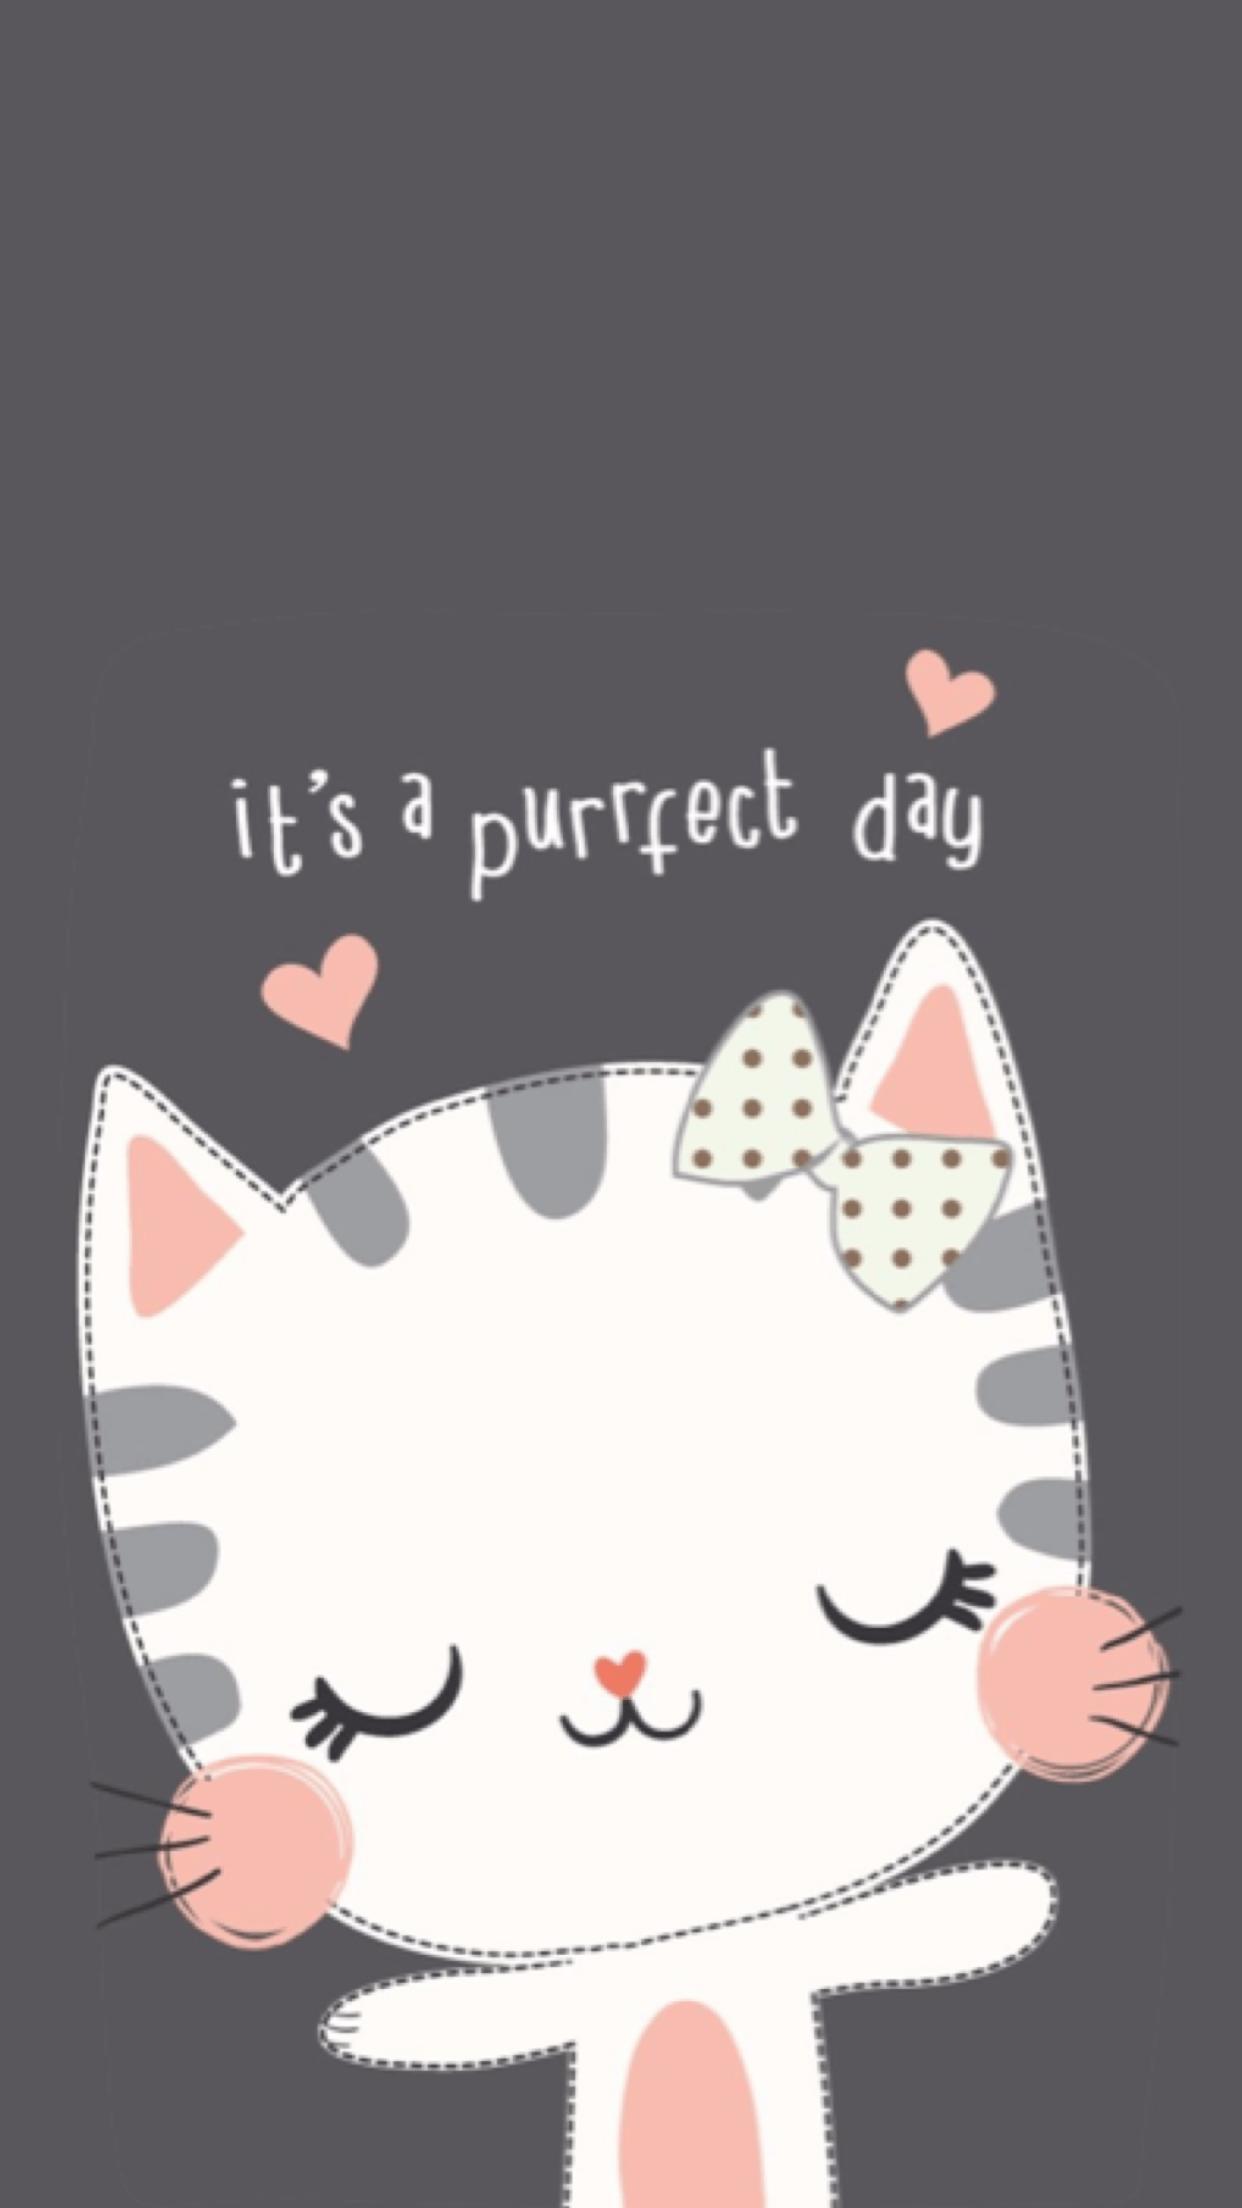 Cute Cartoon Cat Wallpapers Top Free Cute Cartoon Cat